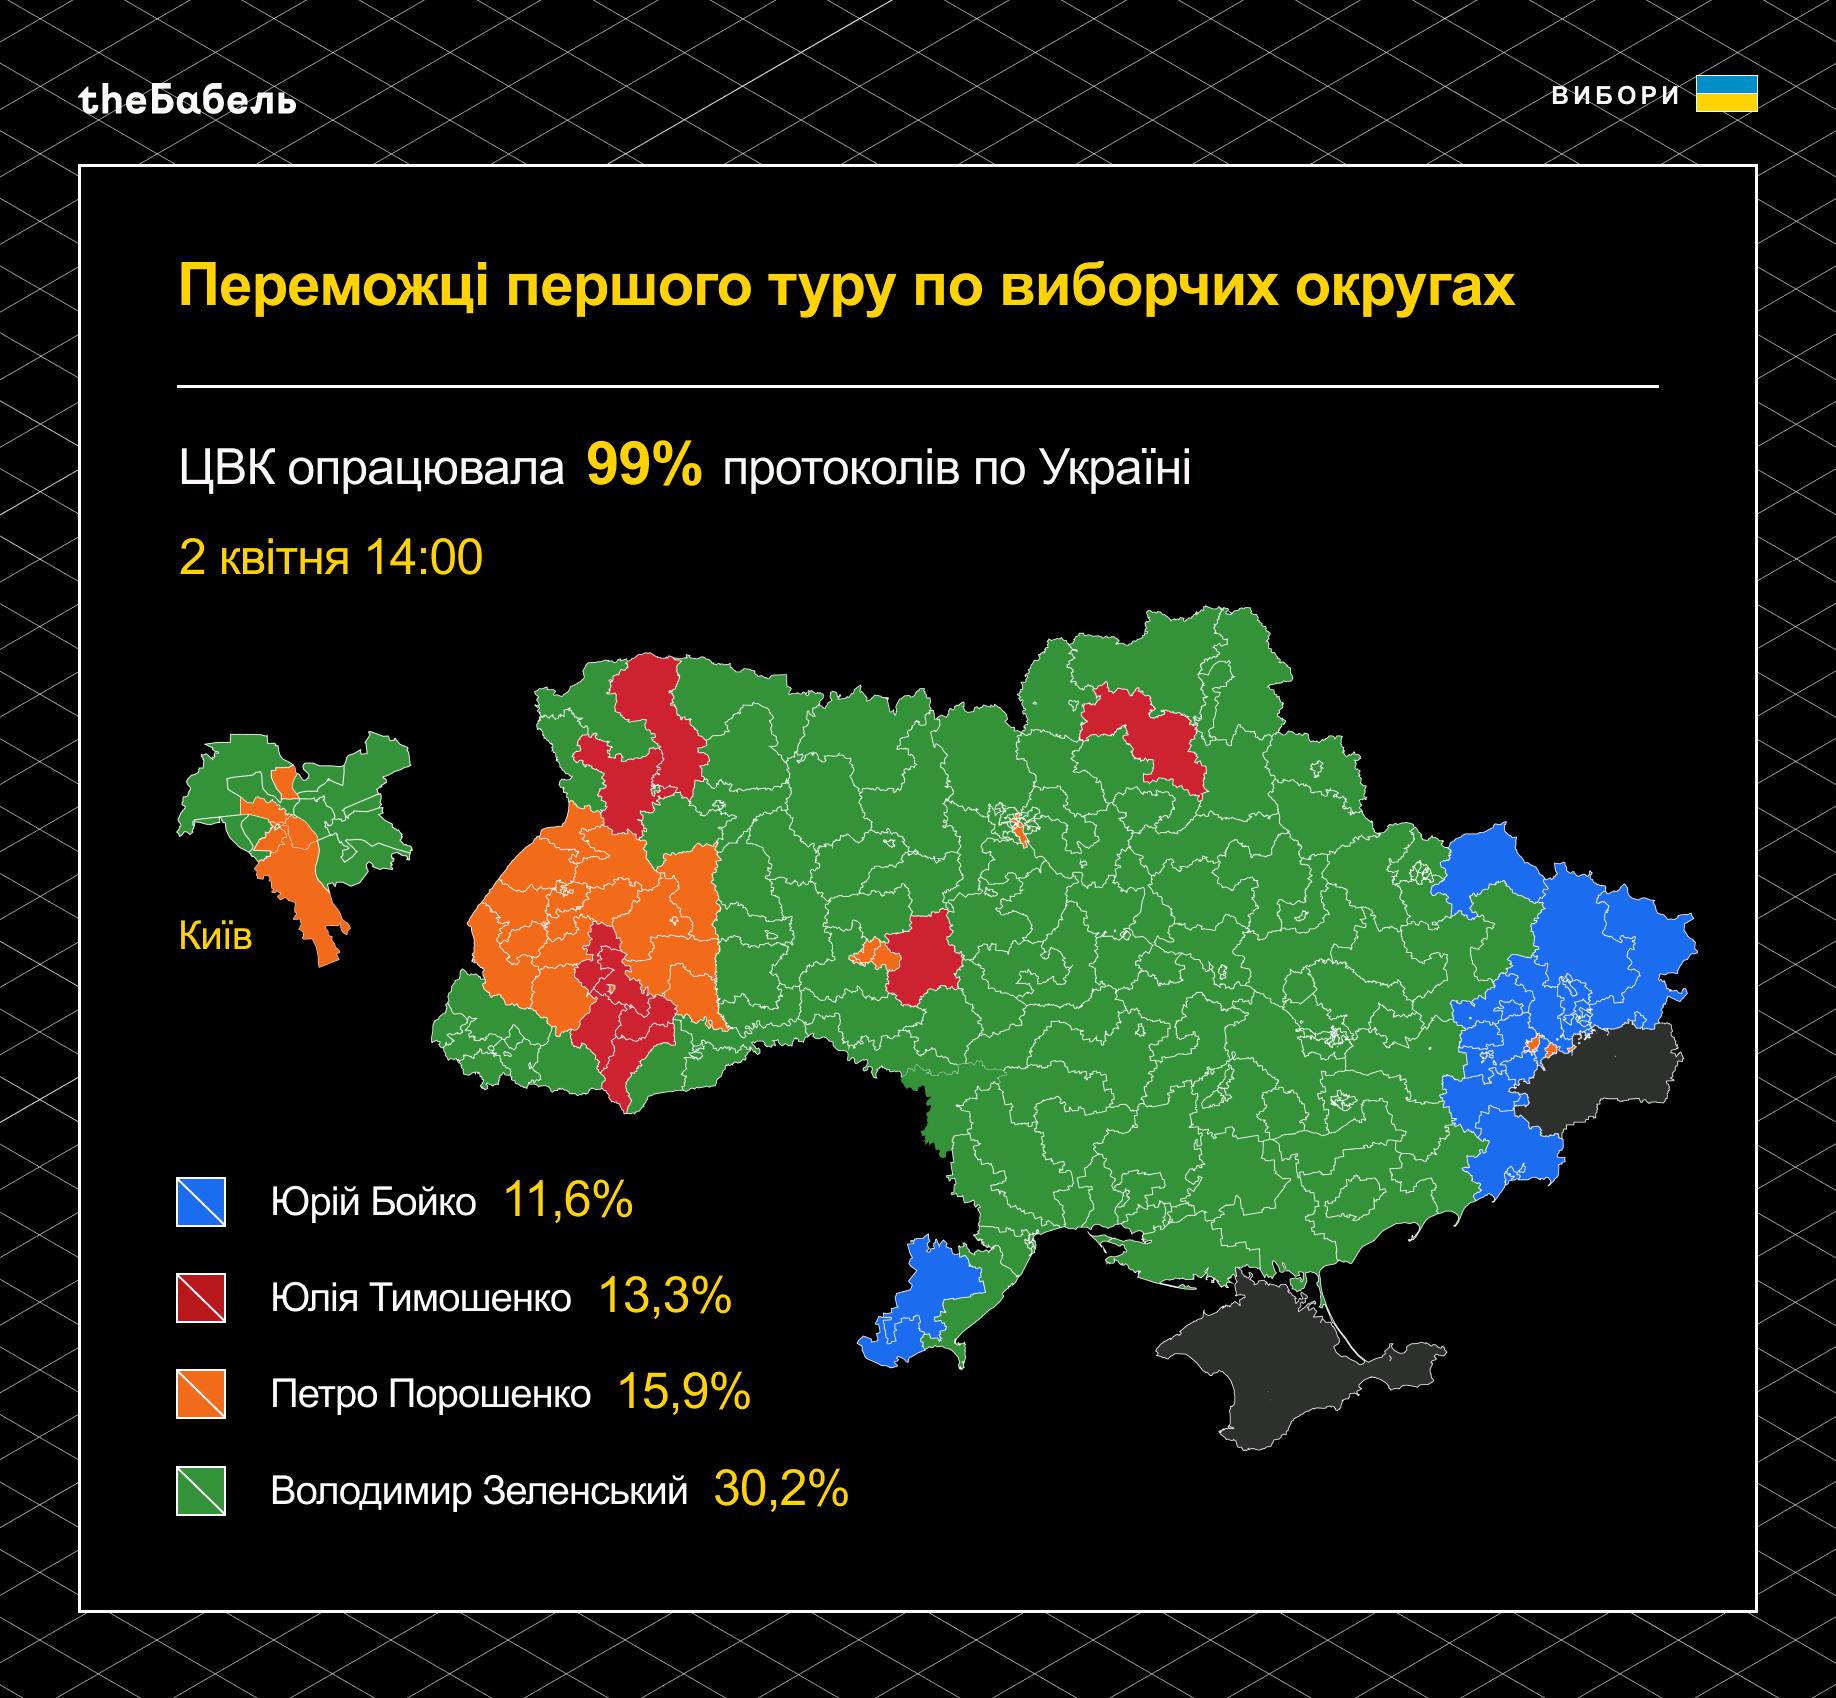 """Естонія допоможе Україні створити """"державу в смартфоні"""", - Федоров - Цензор.НЕТ 8551"""